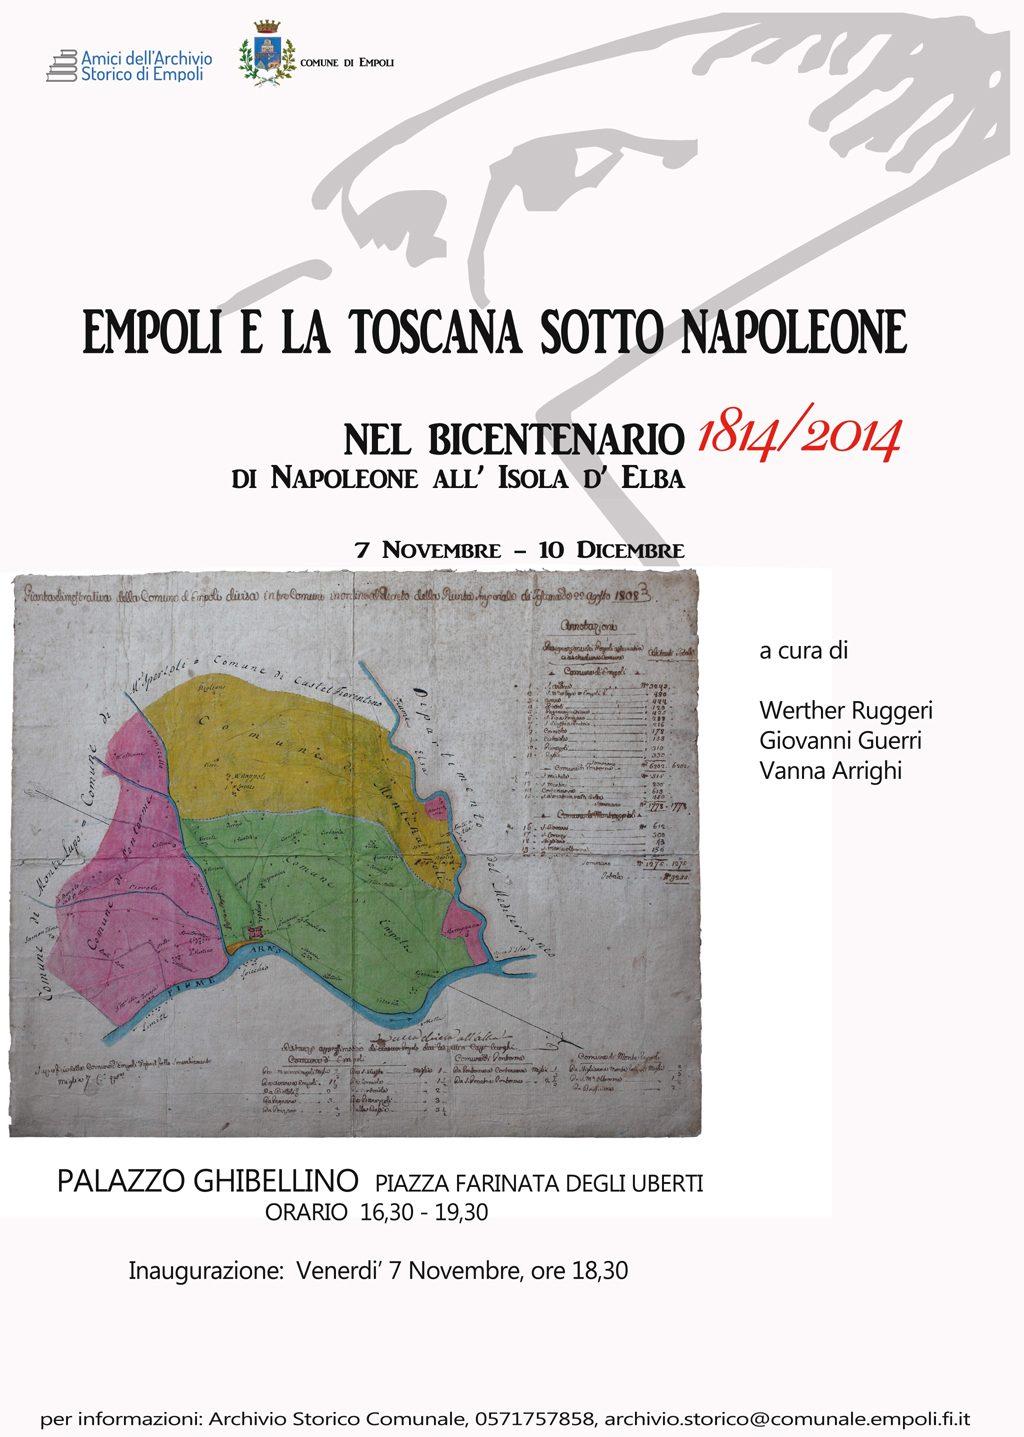 Empoli E La Toscana Sotto Napoleone